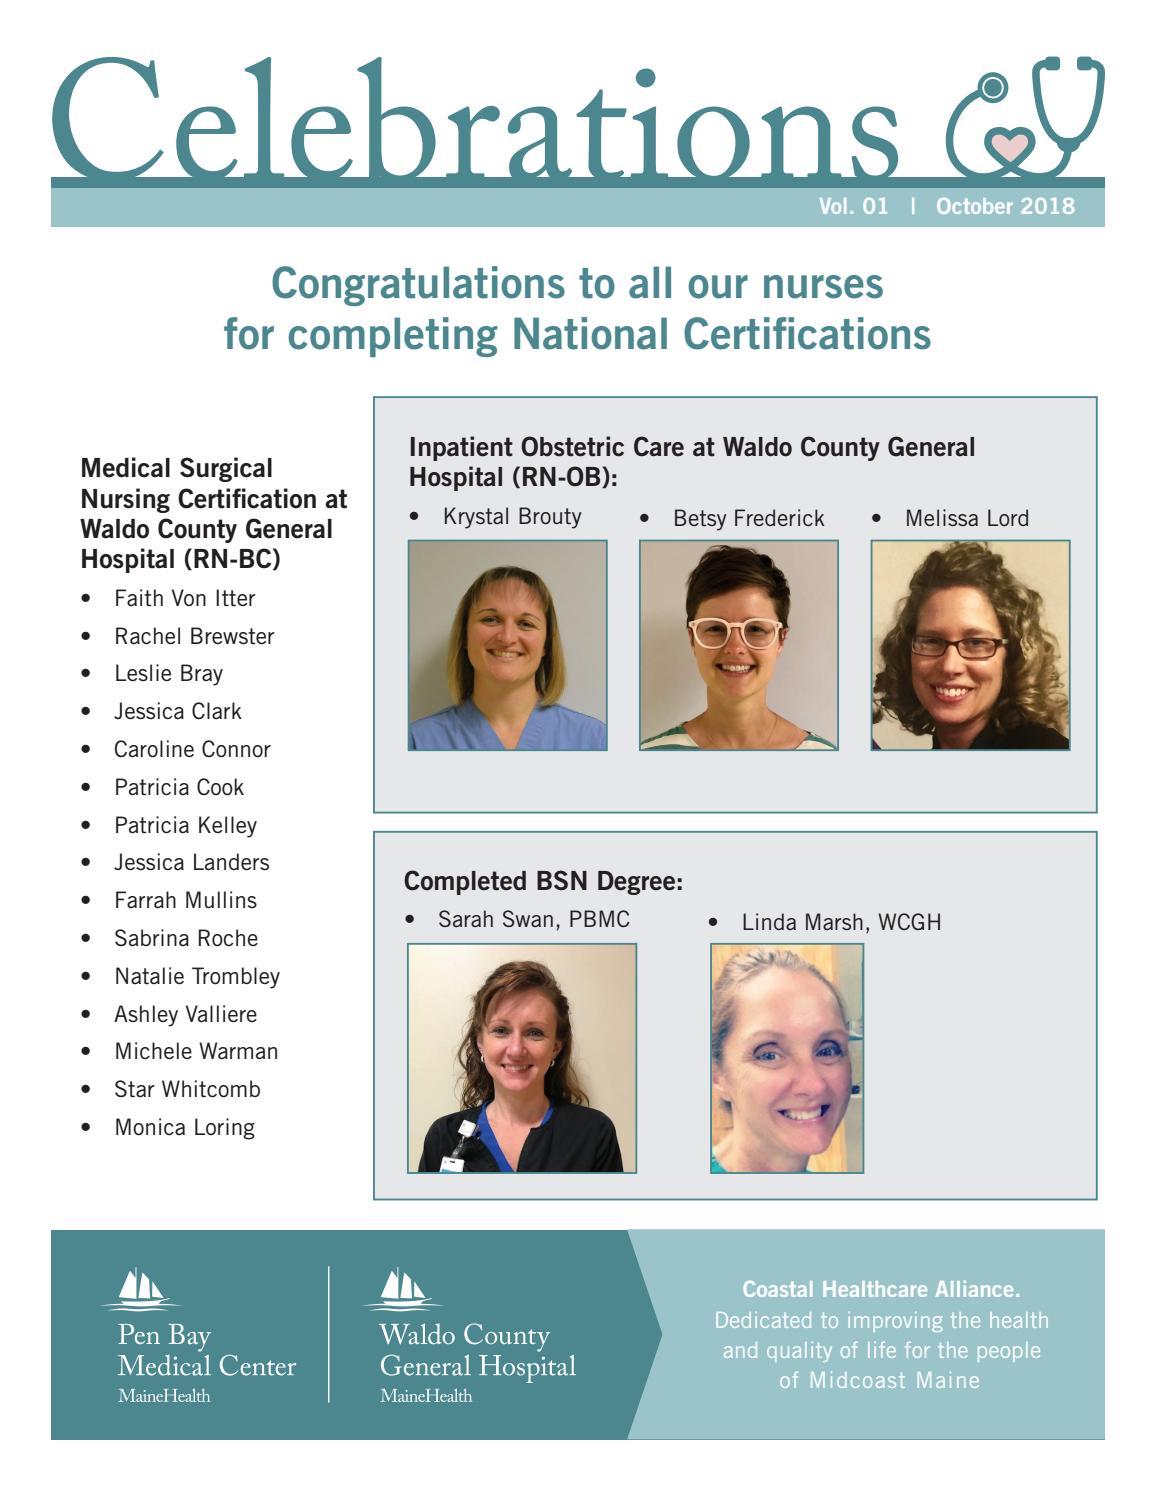 Celebrations Nursing Newsletter - October 2018 by Pen Bay Medical